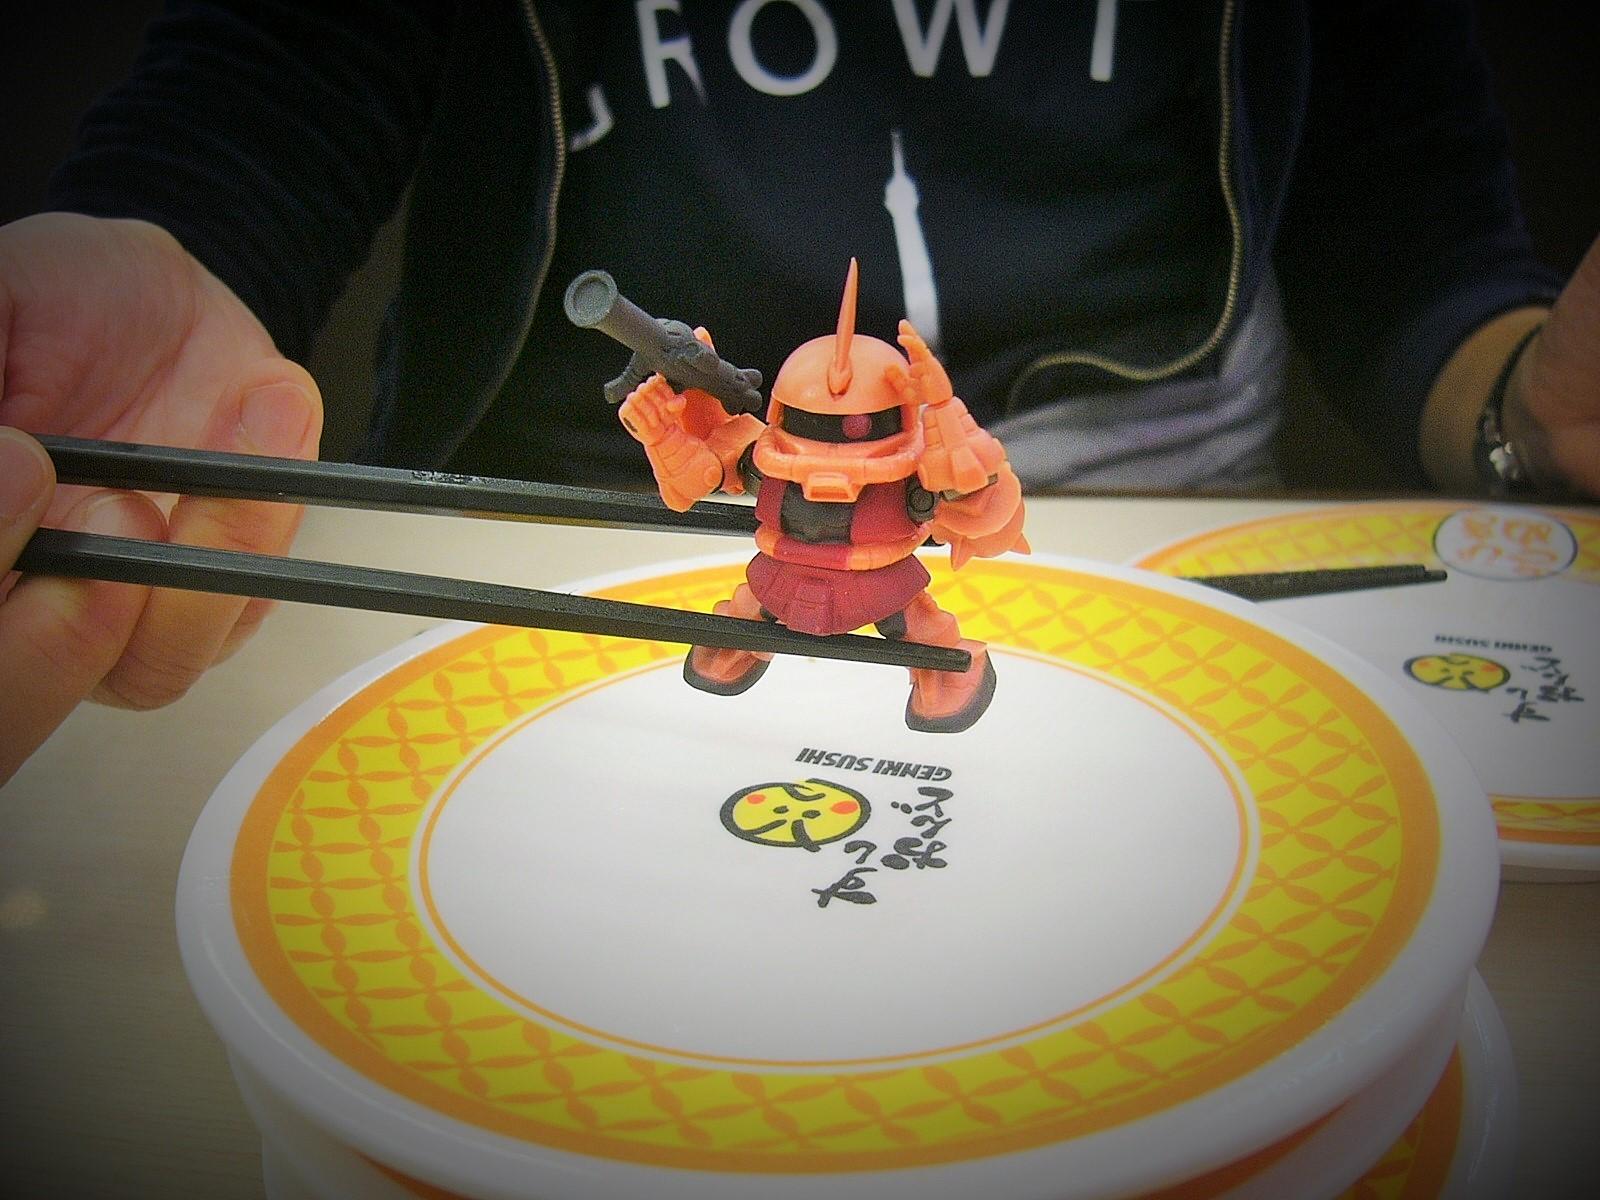 ガシャポン戦士 寿司 すしおんど 美味しい ランチ ディナー 人気 回転すし